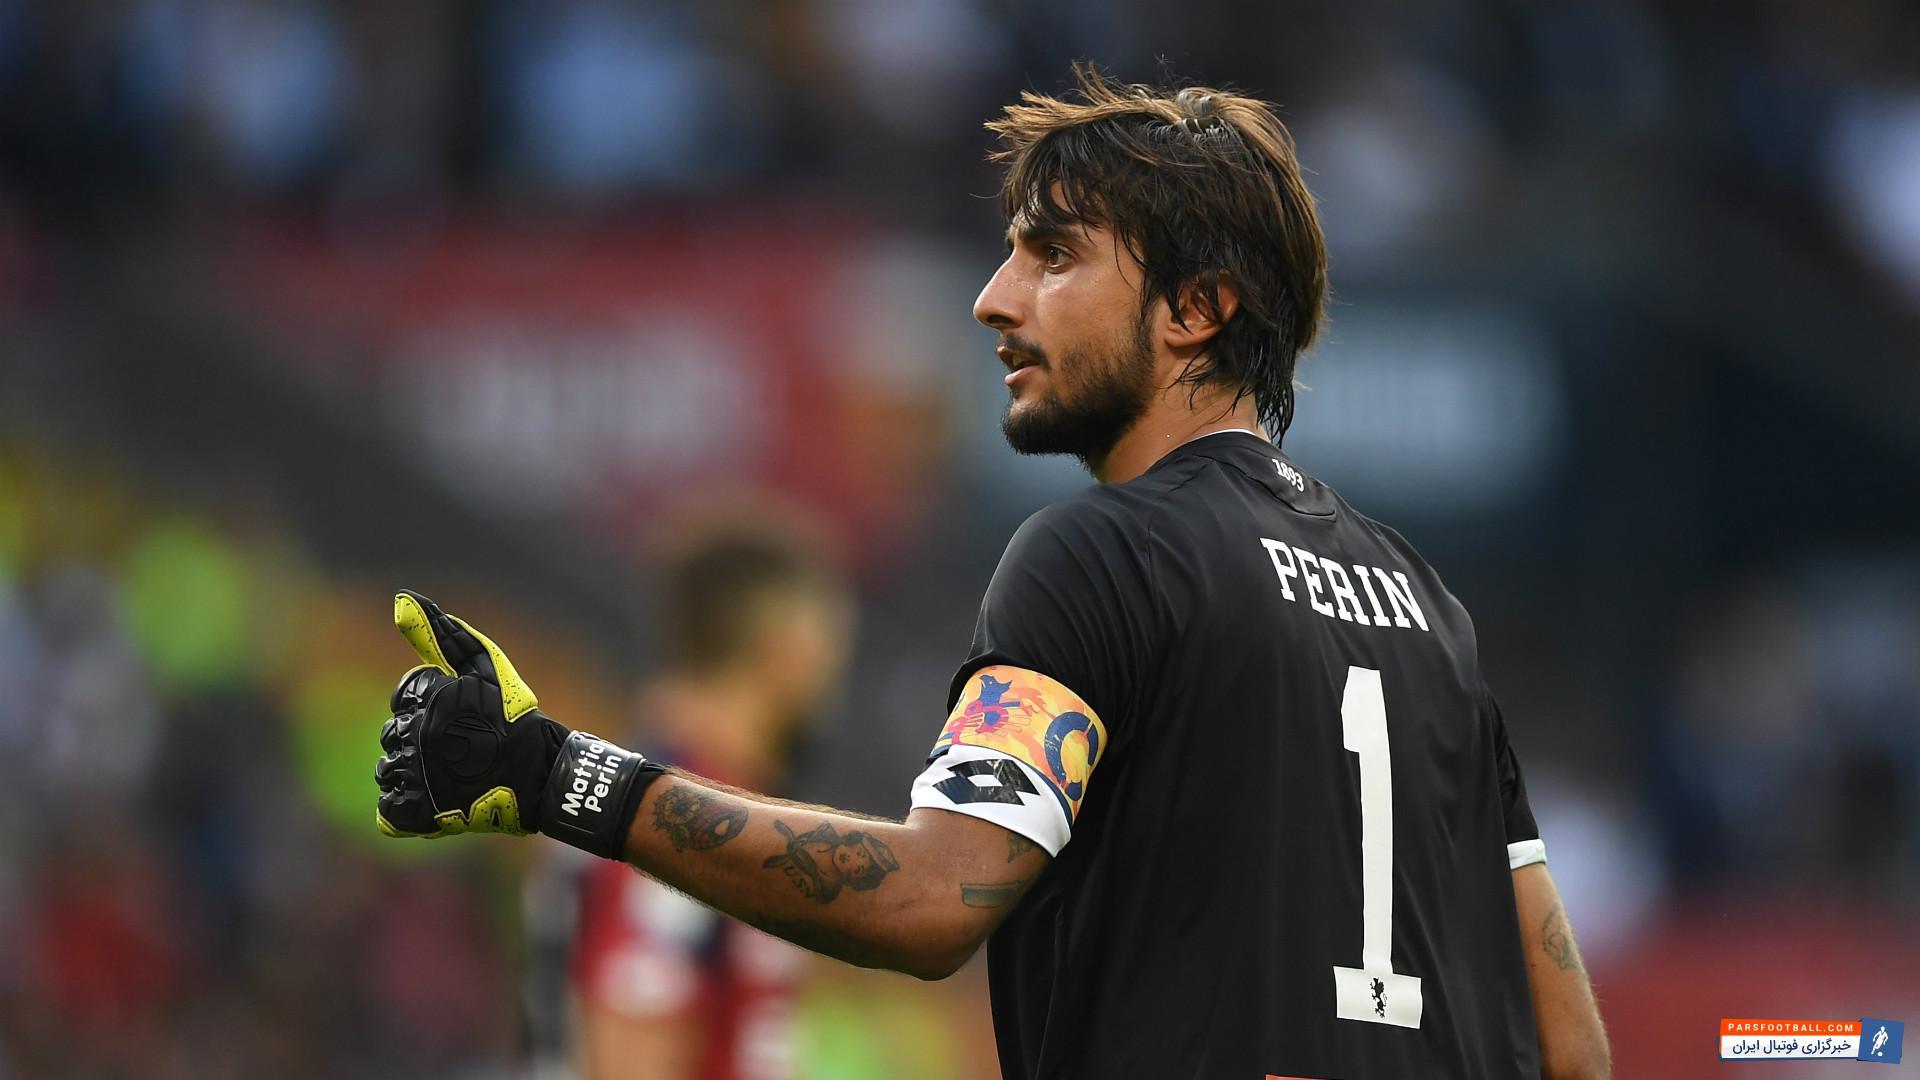 پرین دروازه بان تیم فوتبال جنوا مورد توجه باشگاه فوتبال یوونتوس و ناپولی قرار دارد